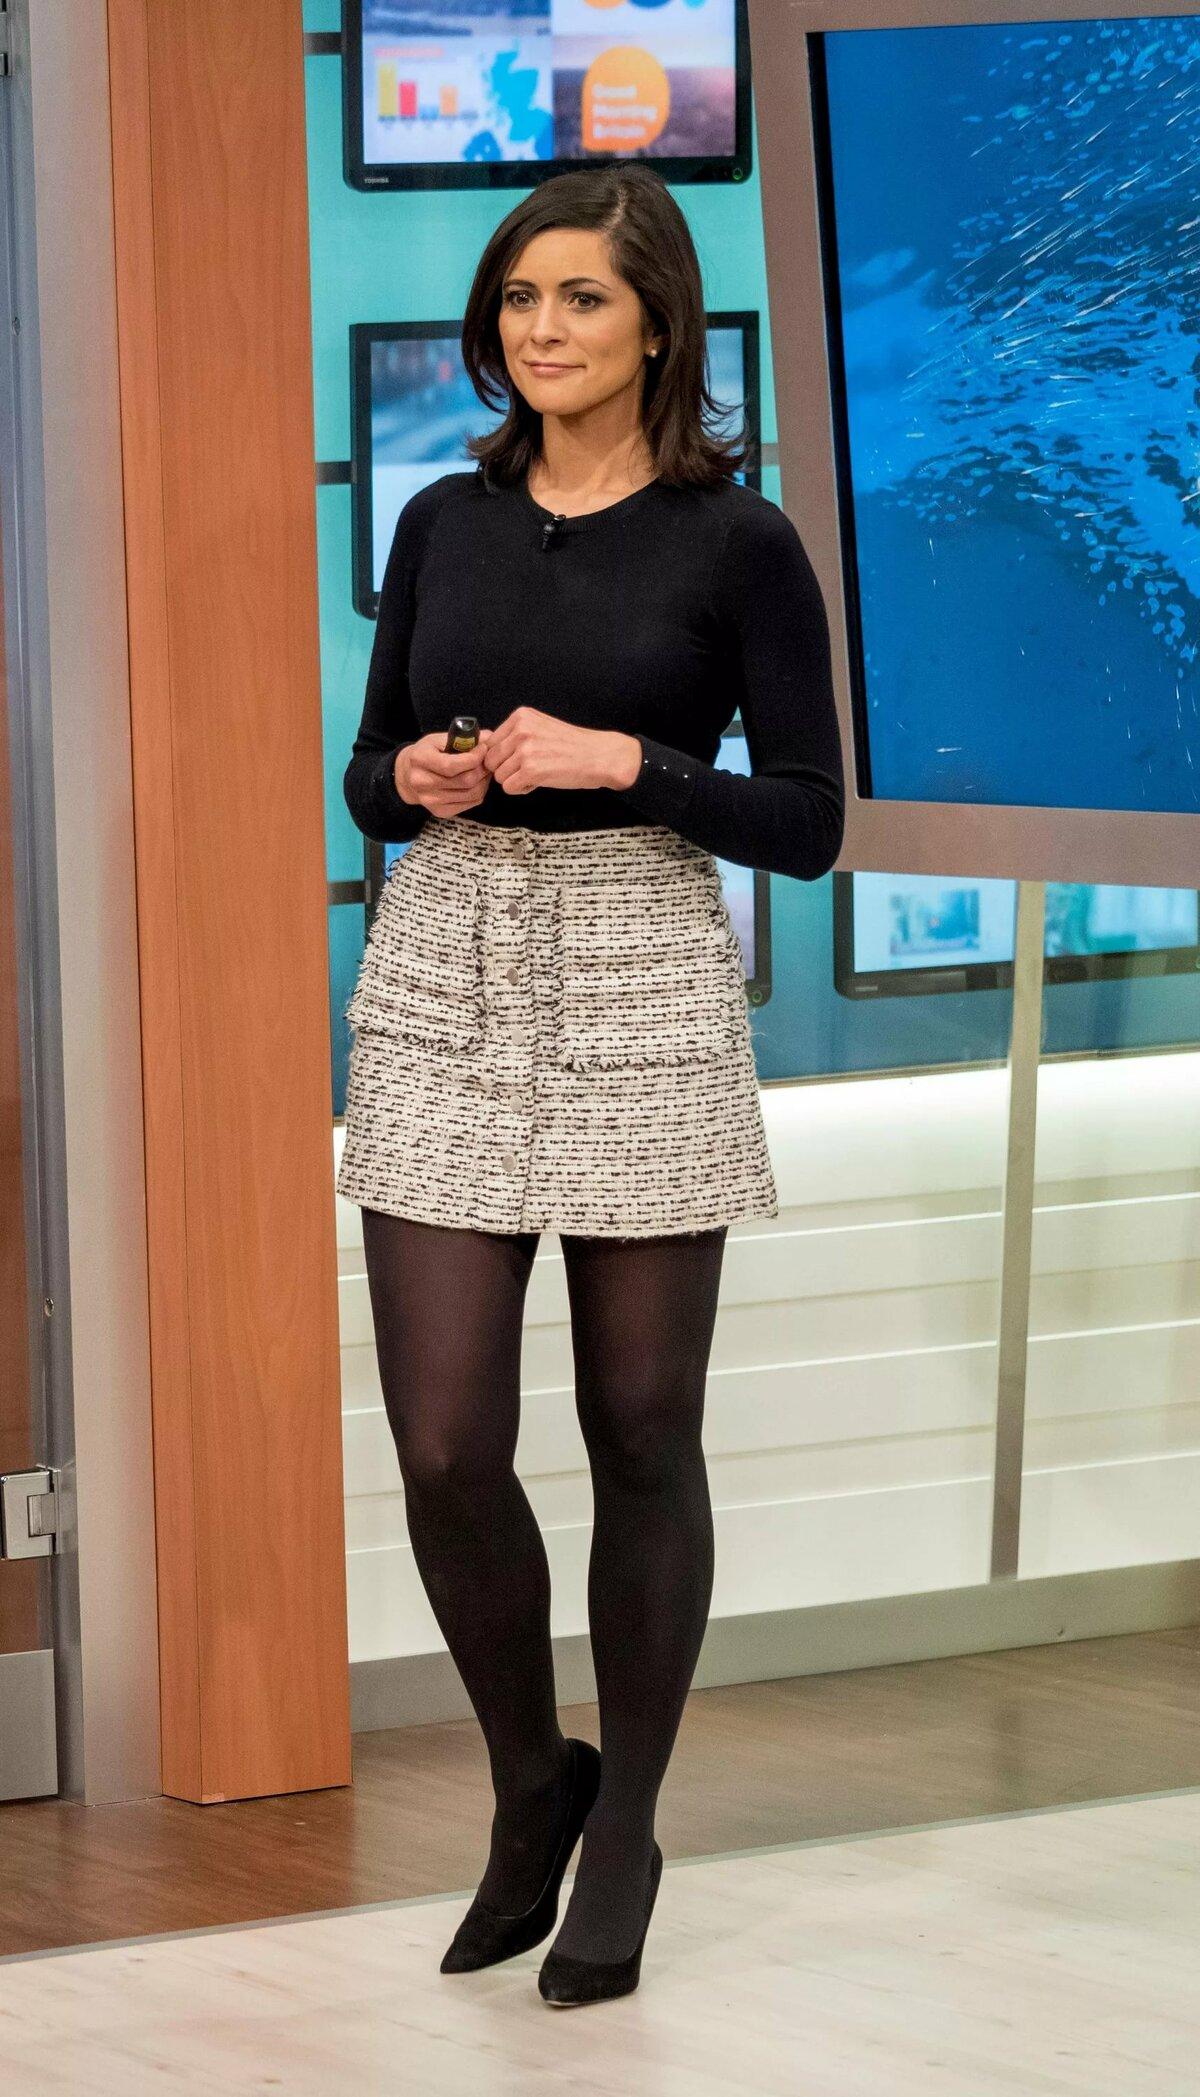 Фото российских телеведущих в юбках — photo 2